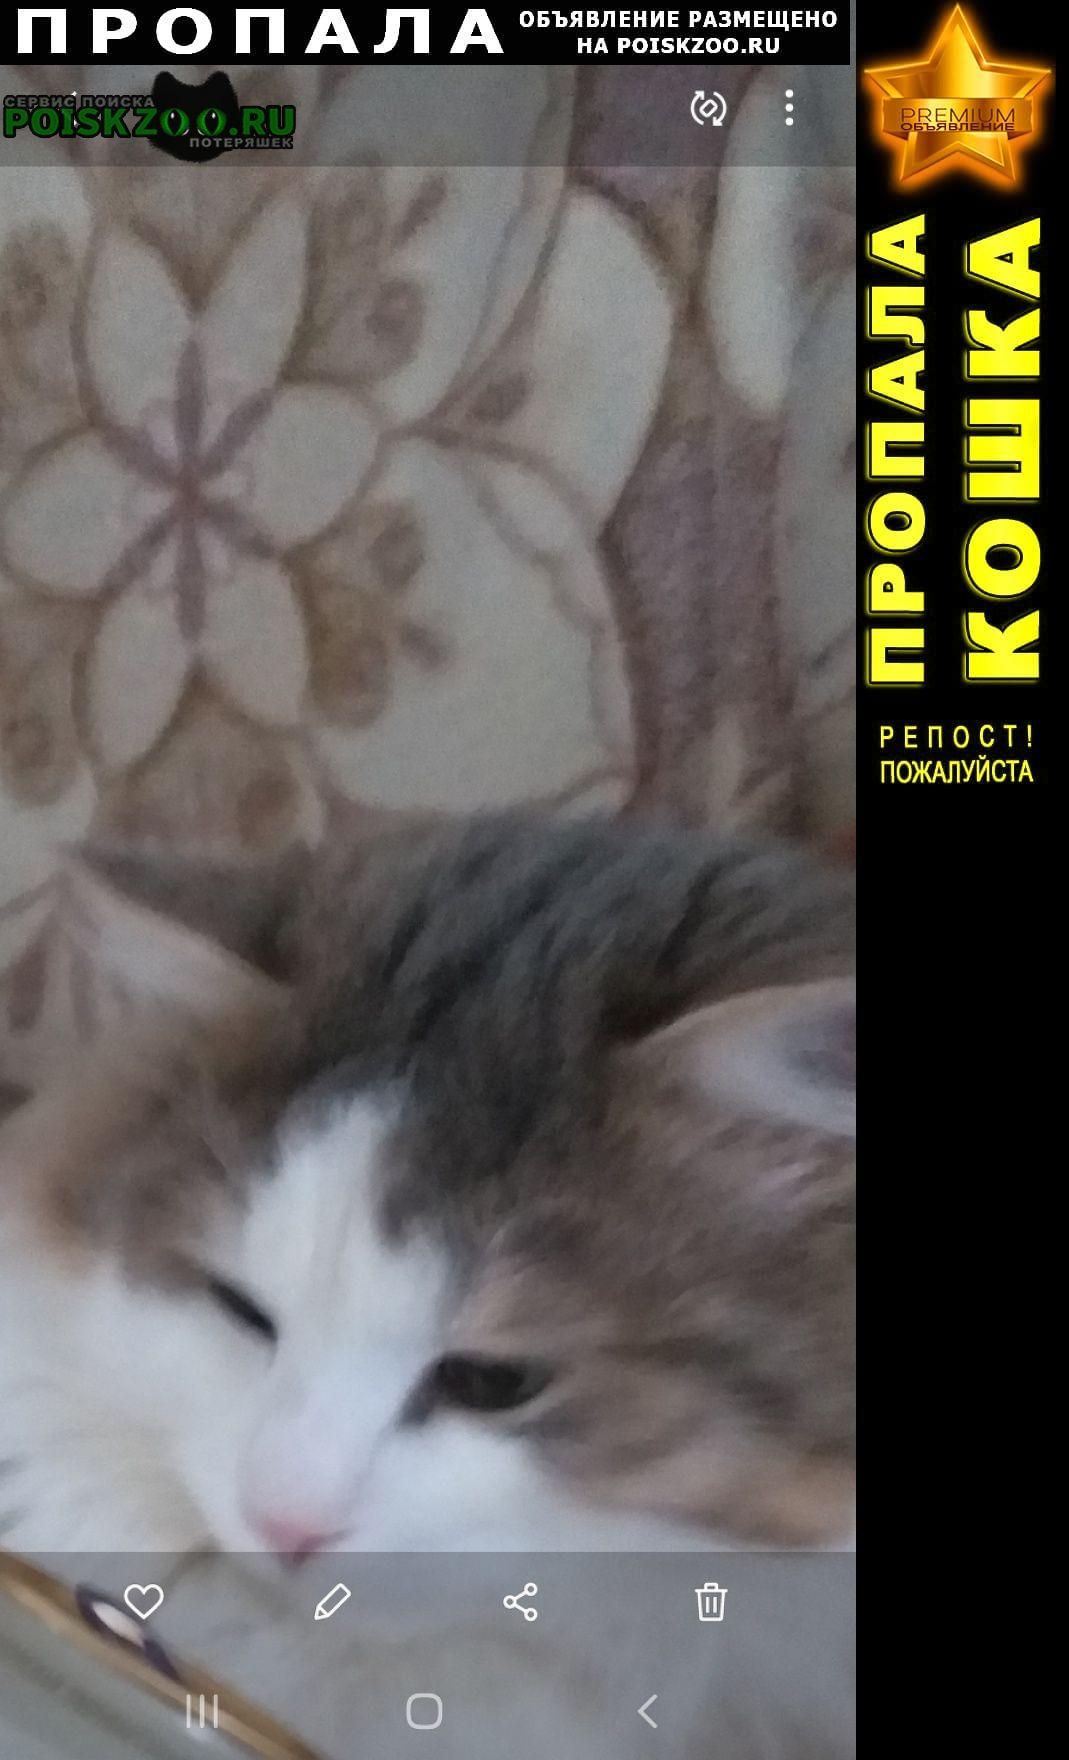 Пропала кошка кот. Можайск